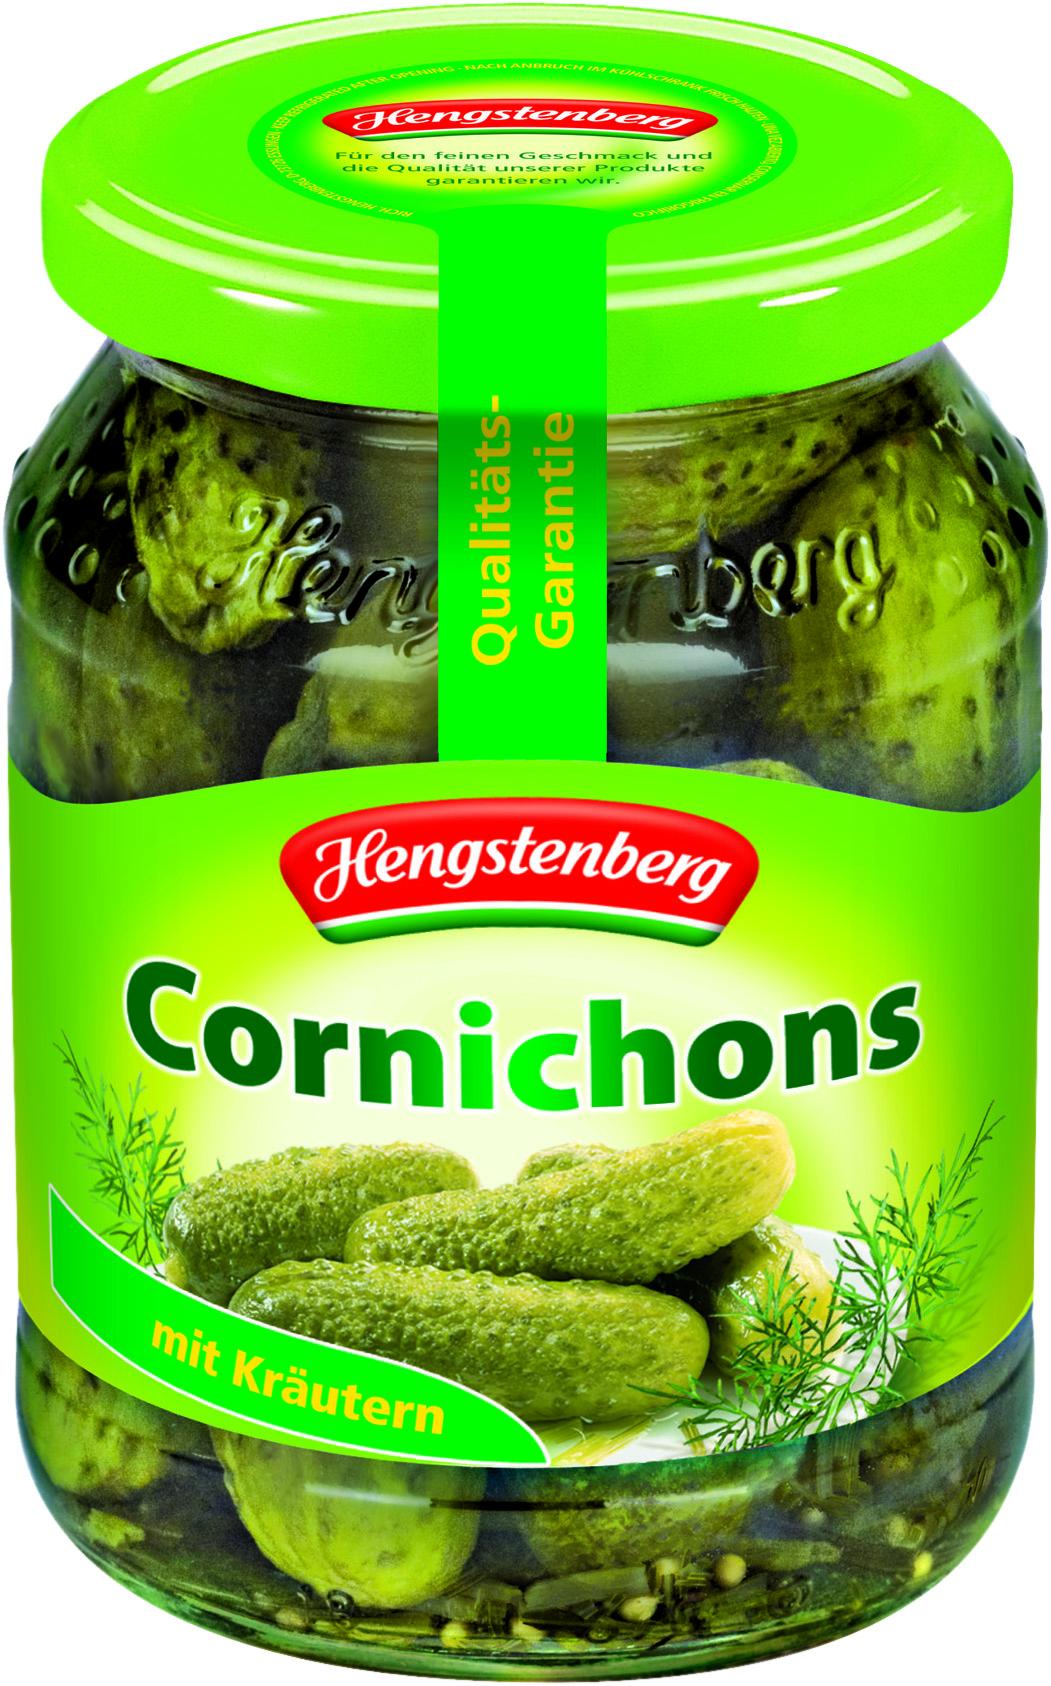 Hengstenberg Корнишоны пикантные, 370 мл254252Корнишоны Hengstenberg маринованные с добавлением эстрагона, горчичных зерен и других пряностей отличаются слегка острым вкусом с нотками специй.